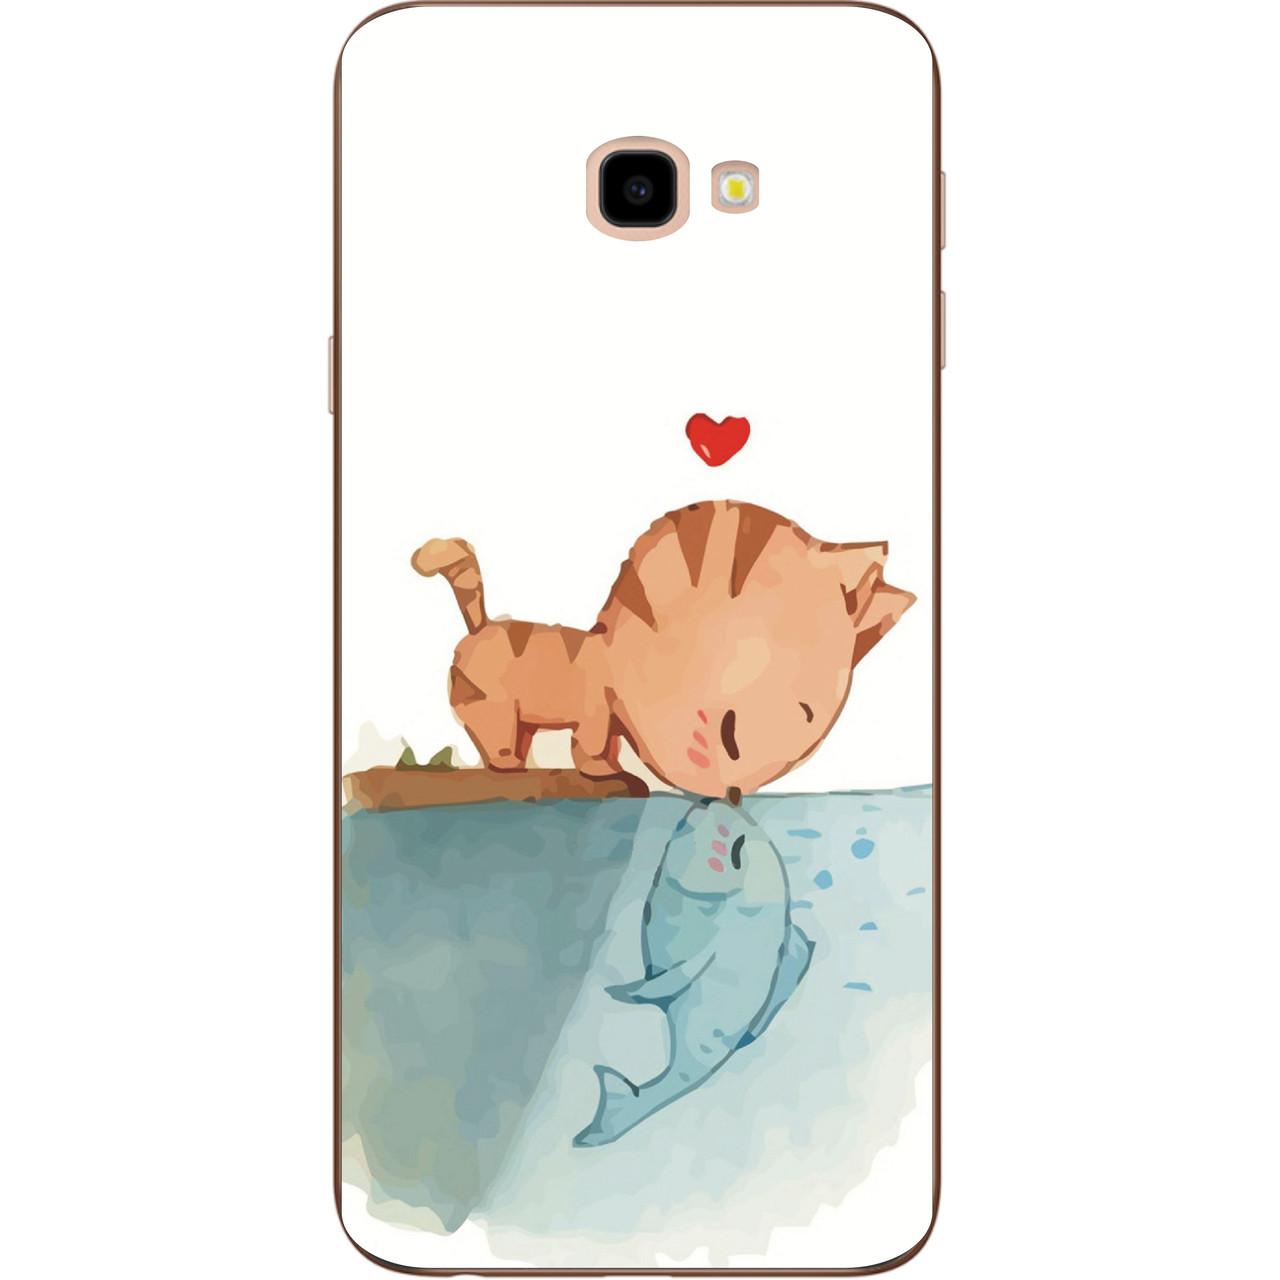 Бампер оригинальный чехол с принтом для Samsung Galaxy J4 Plus 2018 Поцелуй кота